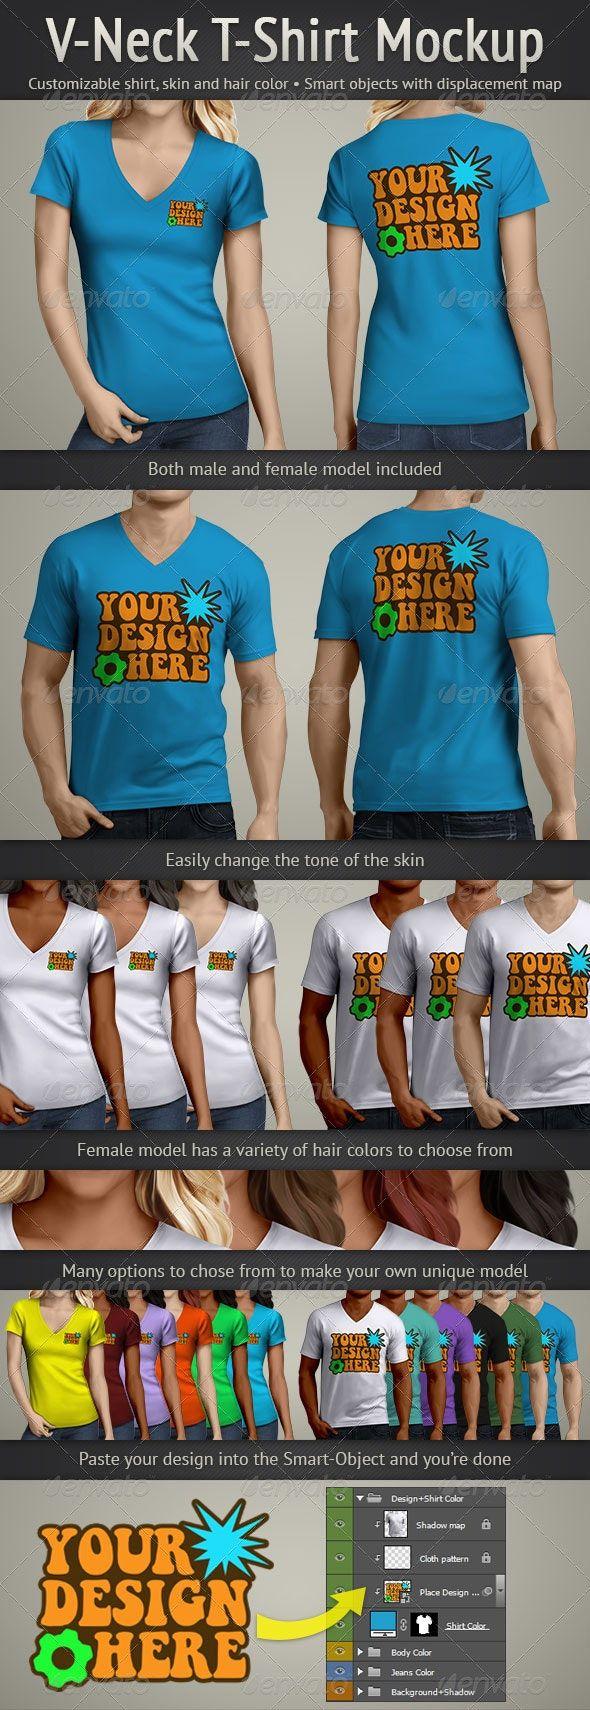 Download V Neck T Shirt Mockup Tshirt Mockup Shirt Mockup Clothing Mockup